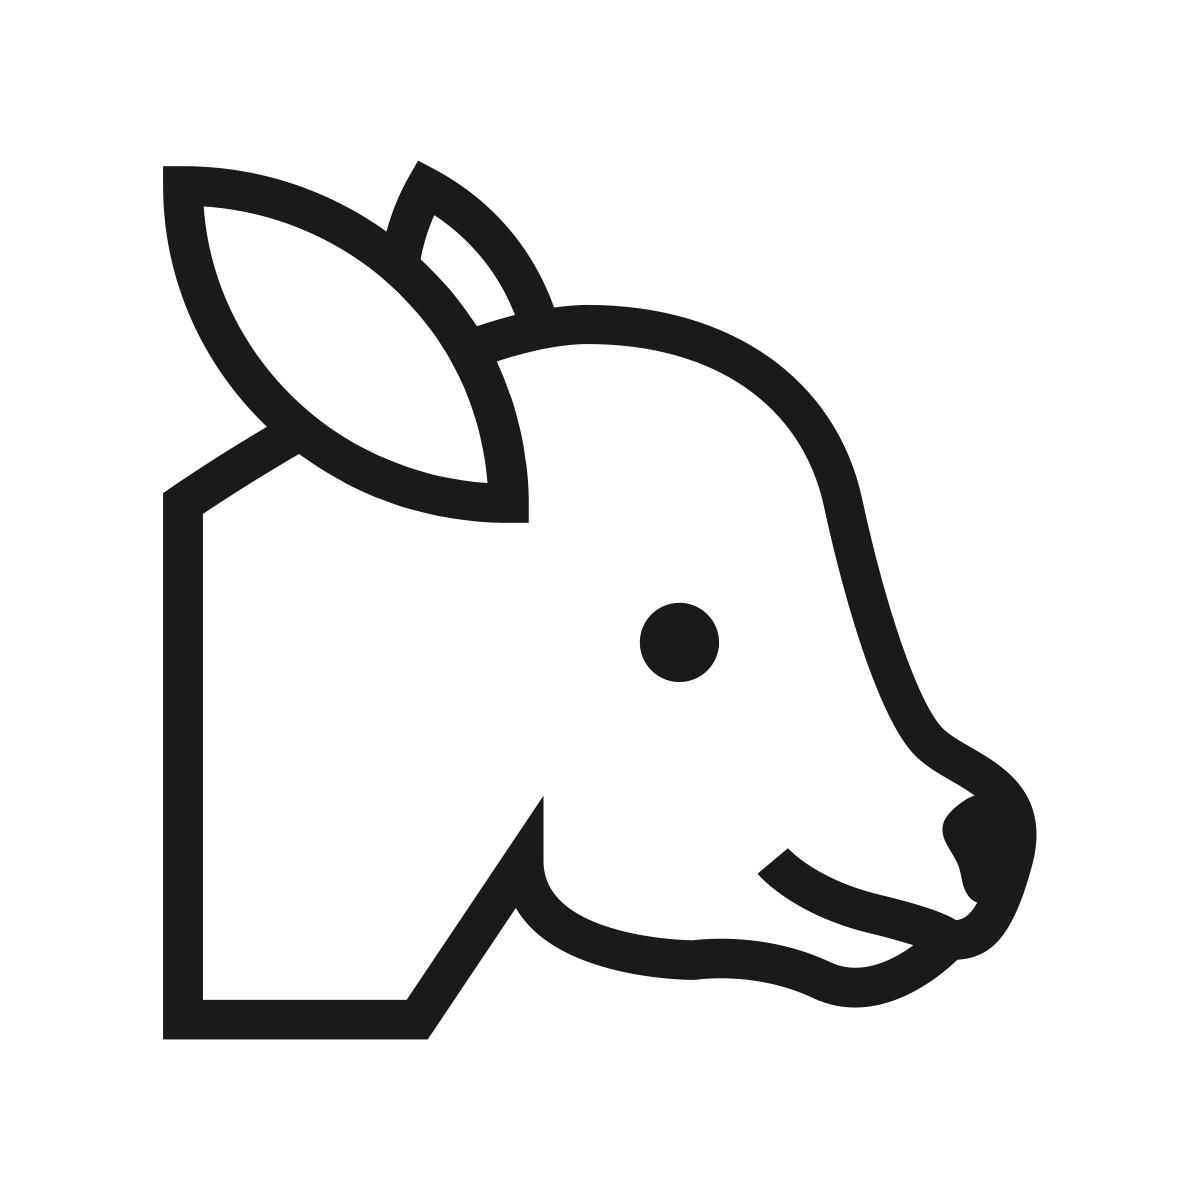 noun_Goat_394648_1A1A1A.png